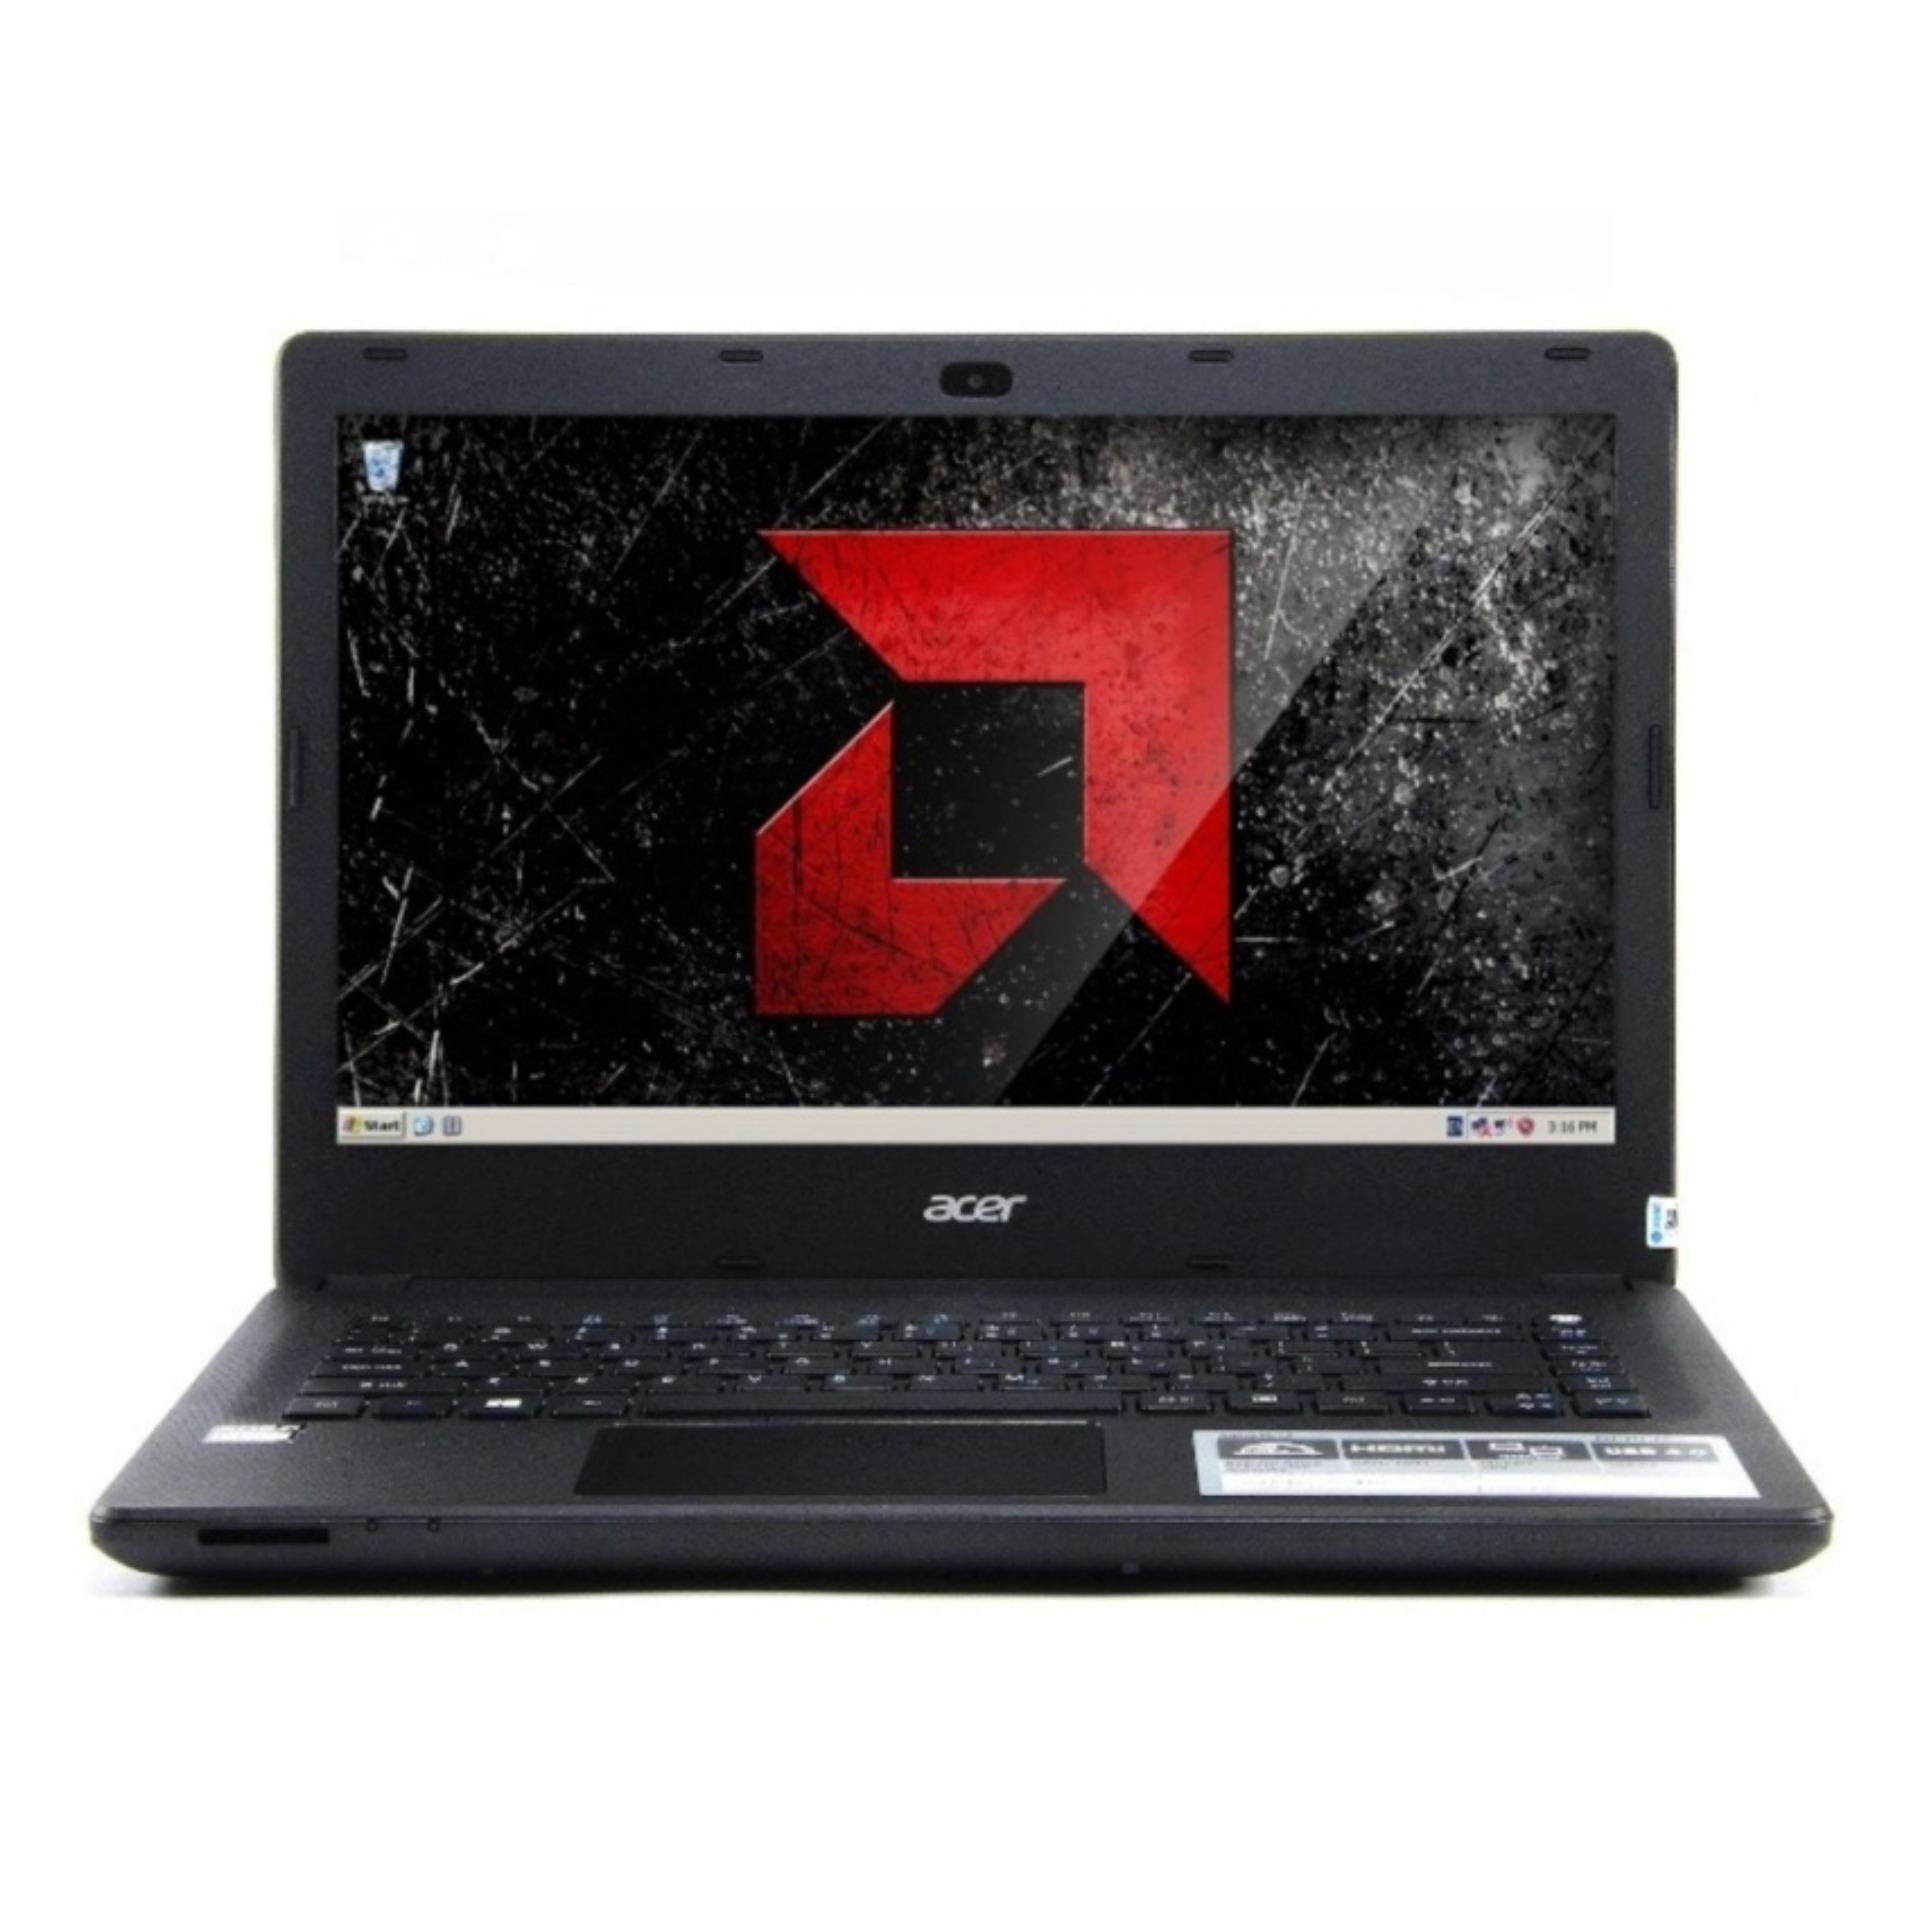 HP 14-bw014AU - AMD A6-9220 APU - 4GB RAM - 500GB HDD